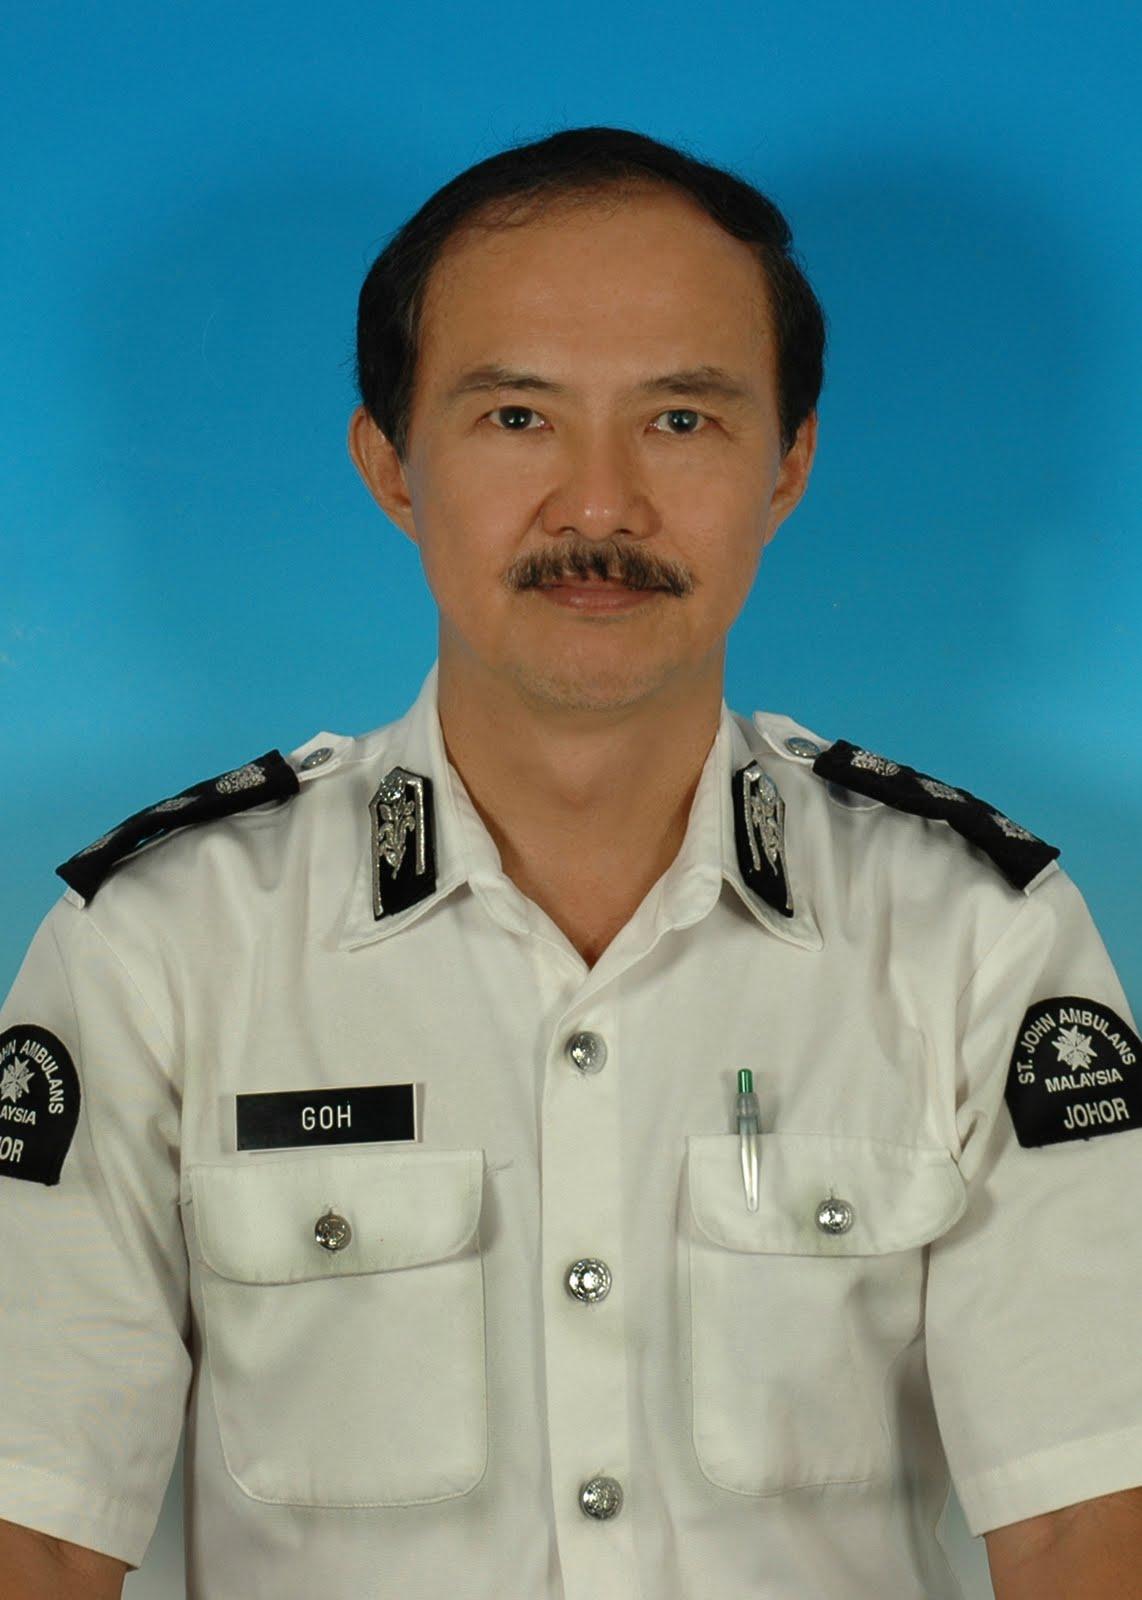 St John Ambulans Malaysia Kawasan Kluang Negeri Johor